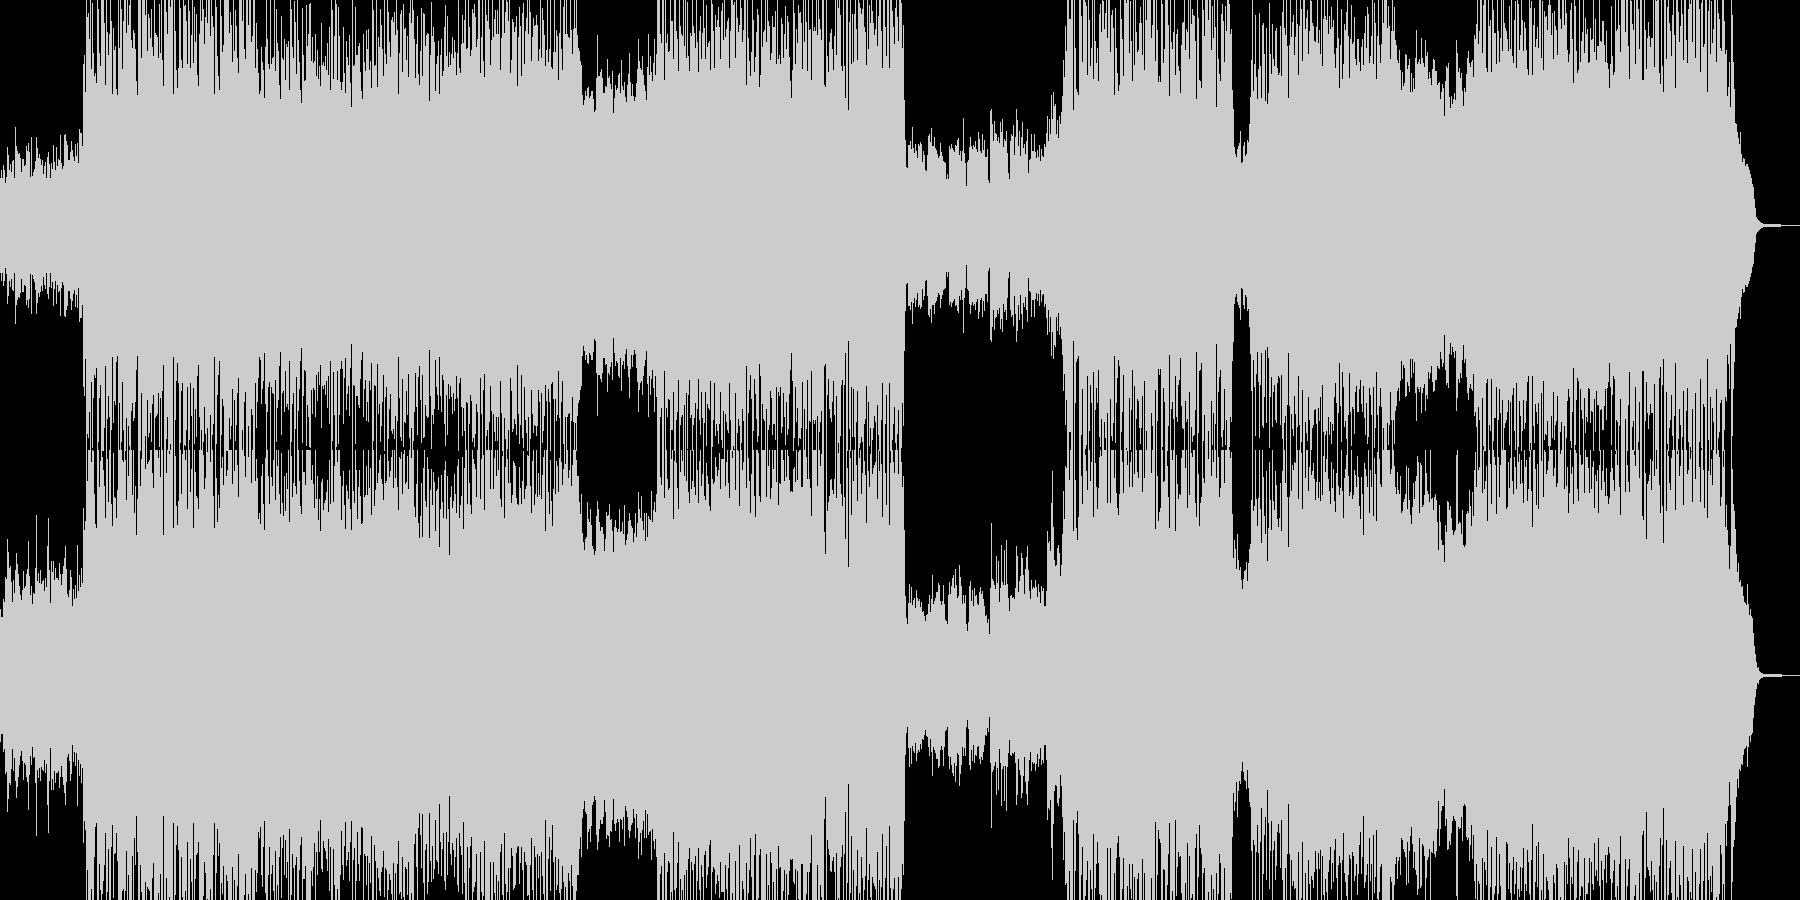 青空晴れ渡るイメージのピアノとバイオリンの未再生の波形